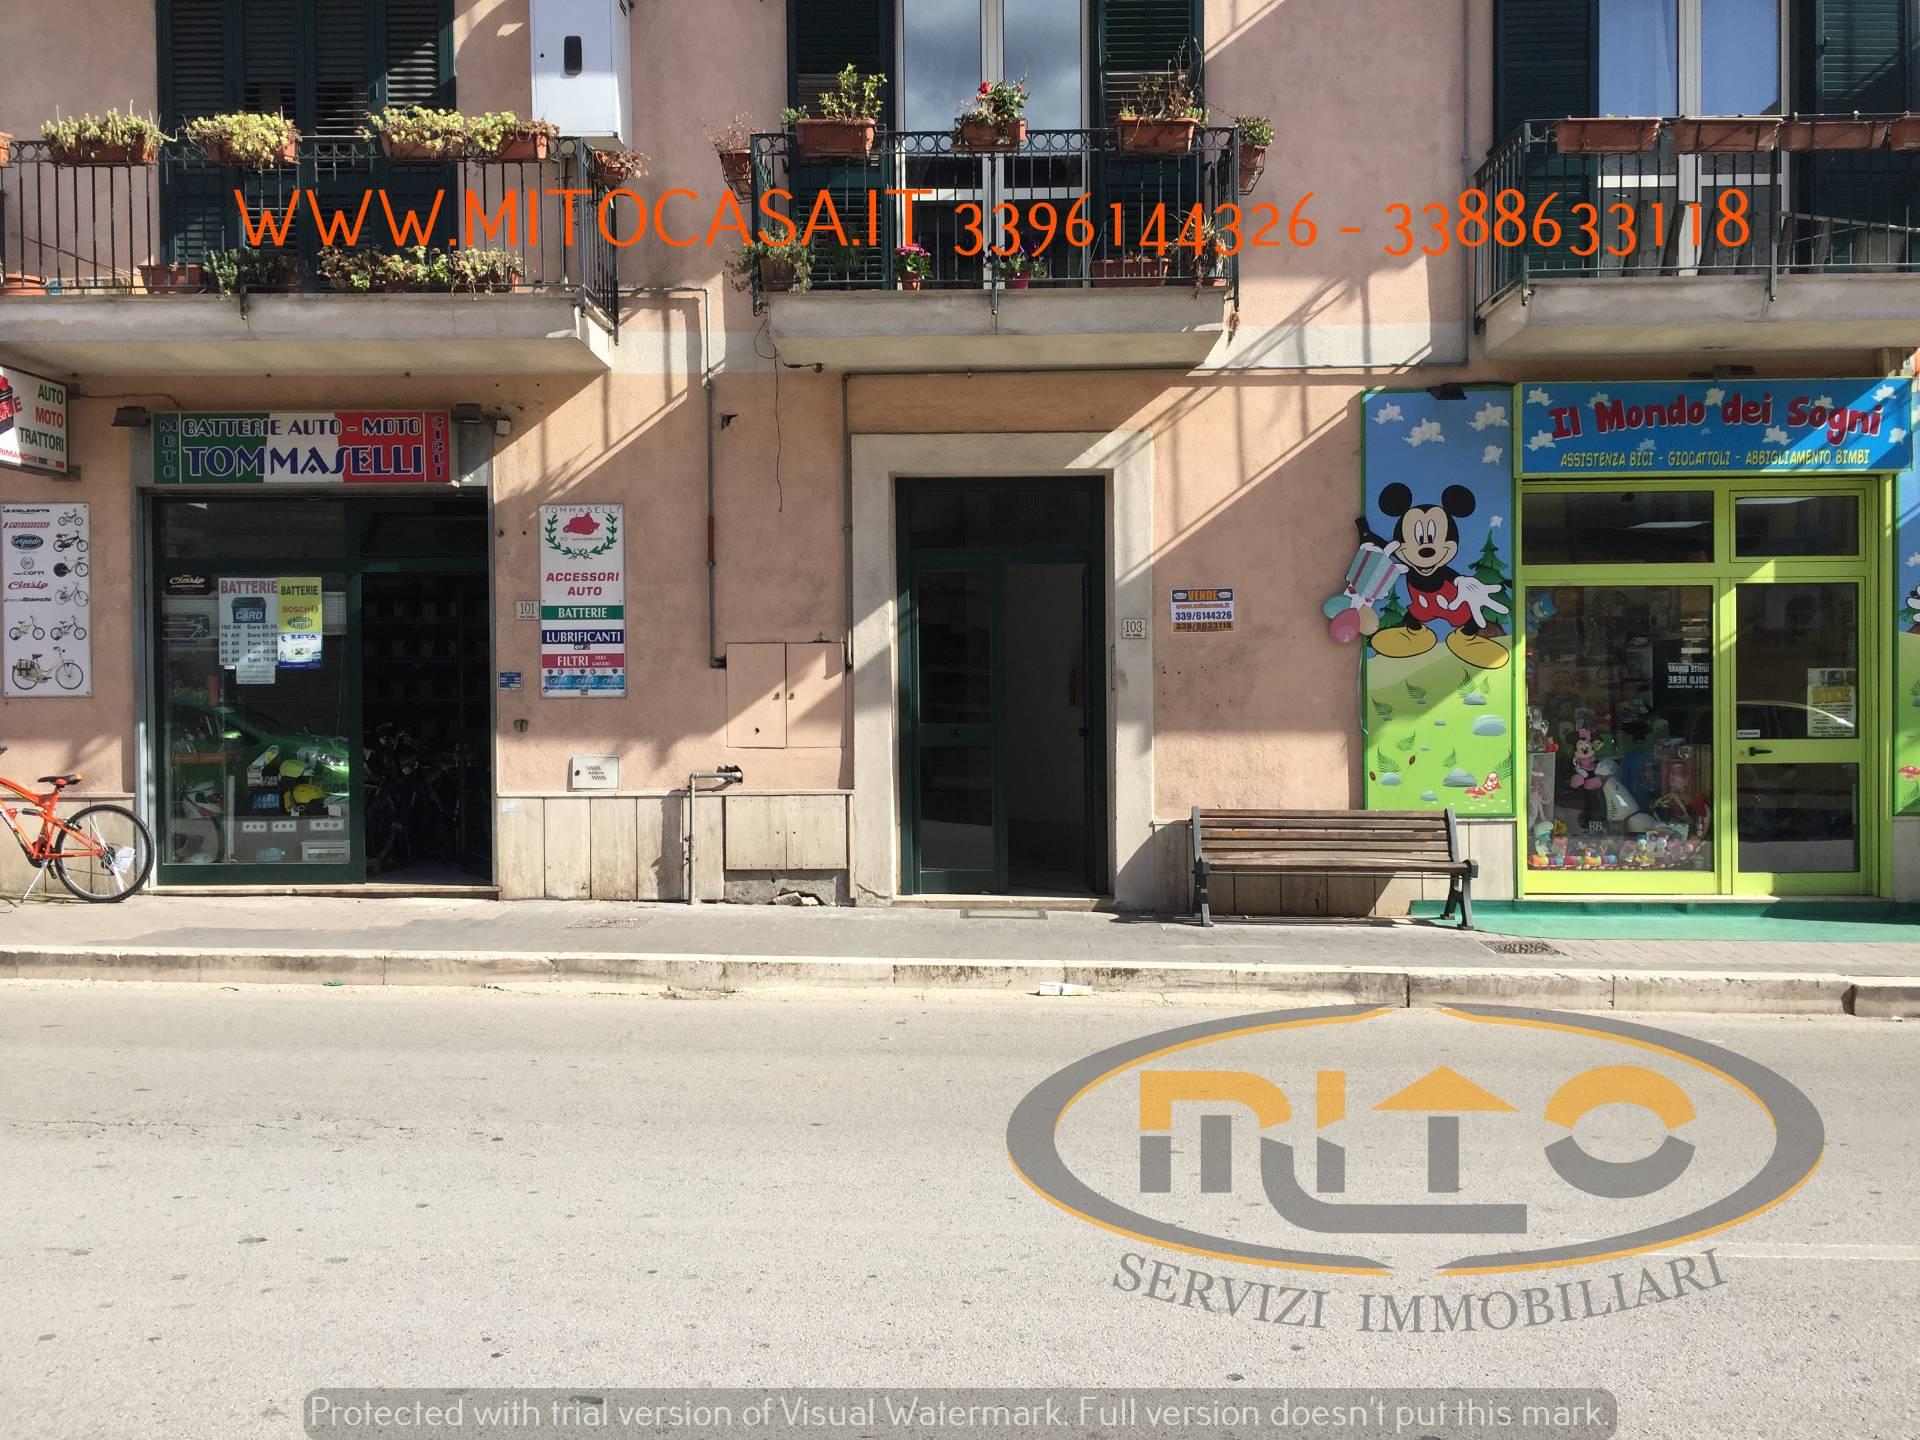 Appartamento in vendita a Telese Terme, 5 locali, prezzo € 95.000 | CambioCasa.it